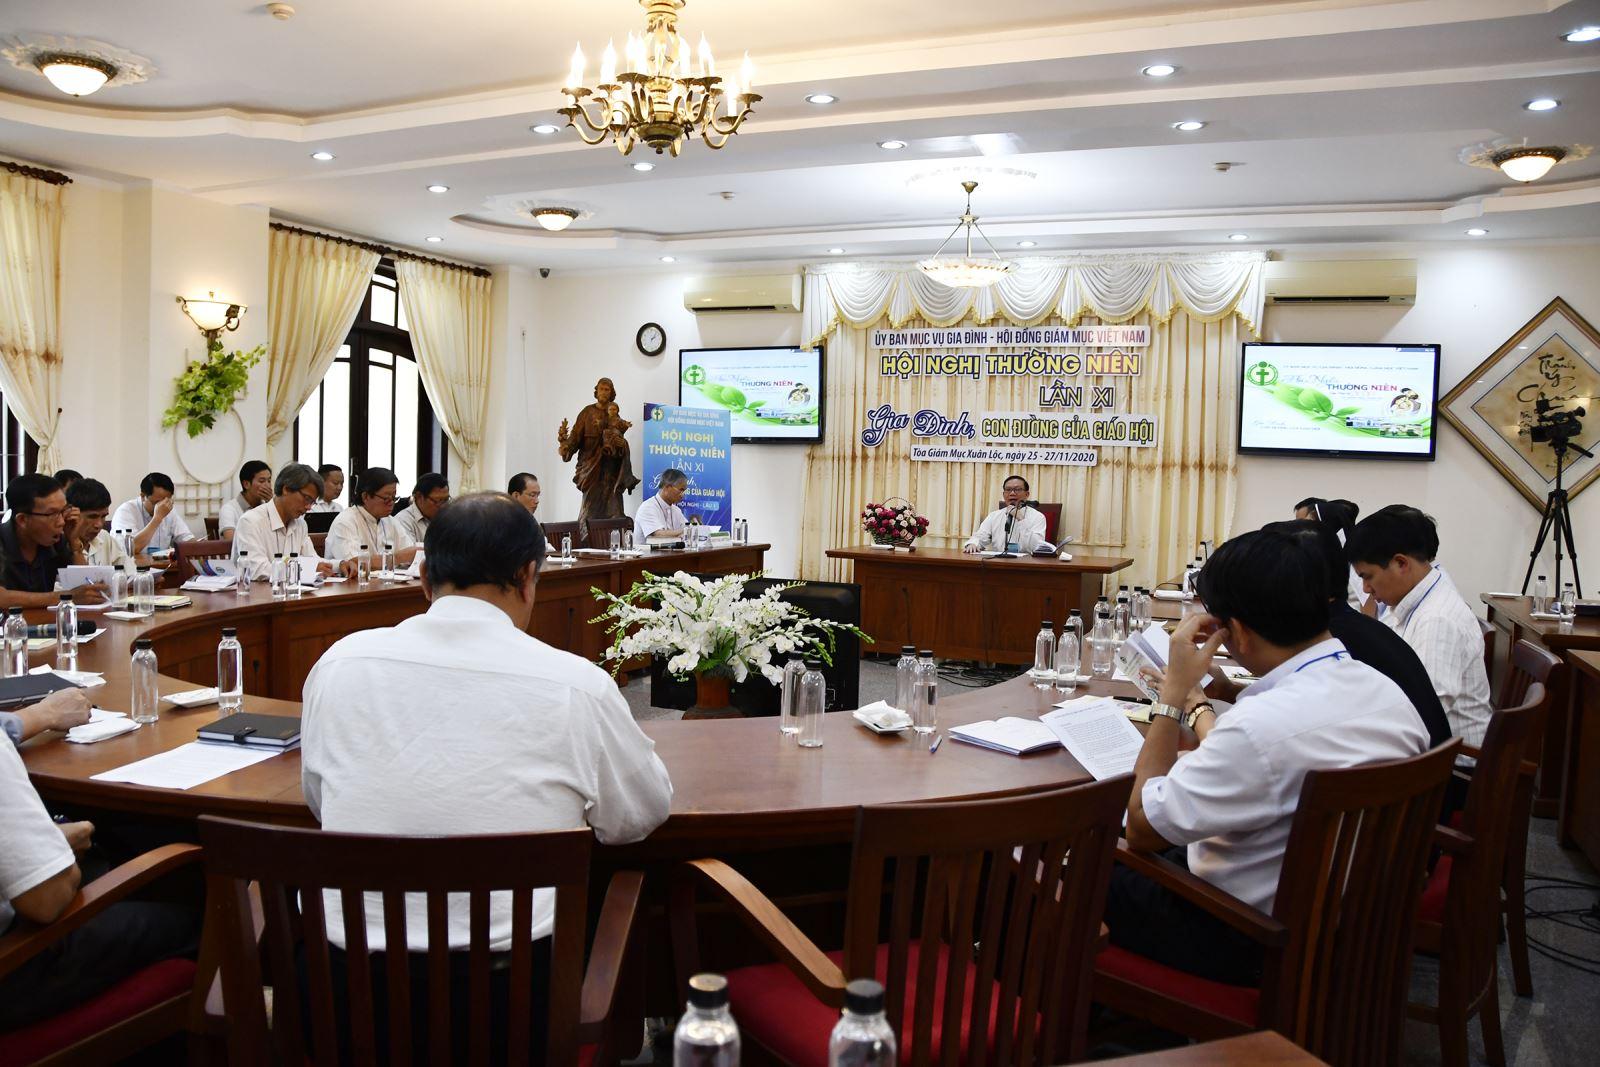 Hội Nghị Thường Niên của Ủy Ban Mục vụ Gia đình lần thứ XI- 2020: Ngày thứ hai